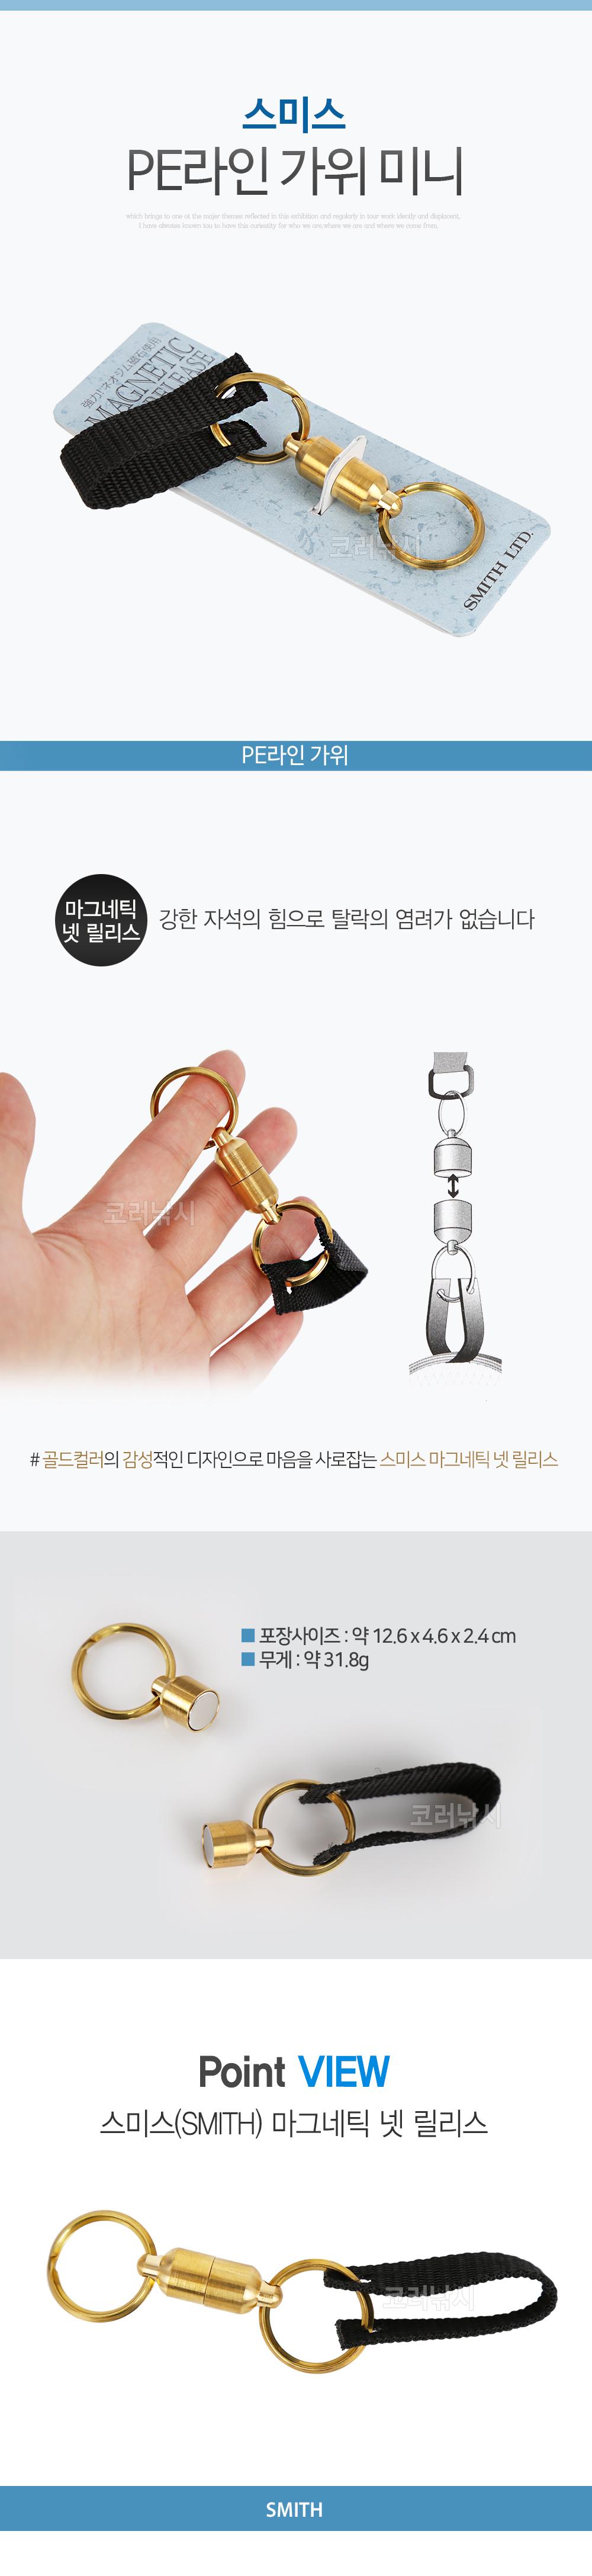 스미스(SMITH) 마그네틱 넷 릴리스 마그네틱홀더 마그네틱고리 자석고리 자석열쇠고리 자석홀더